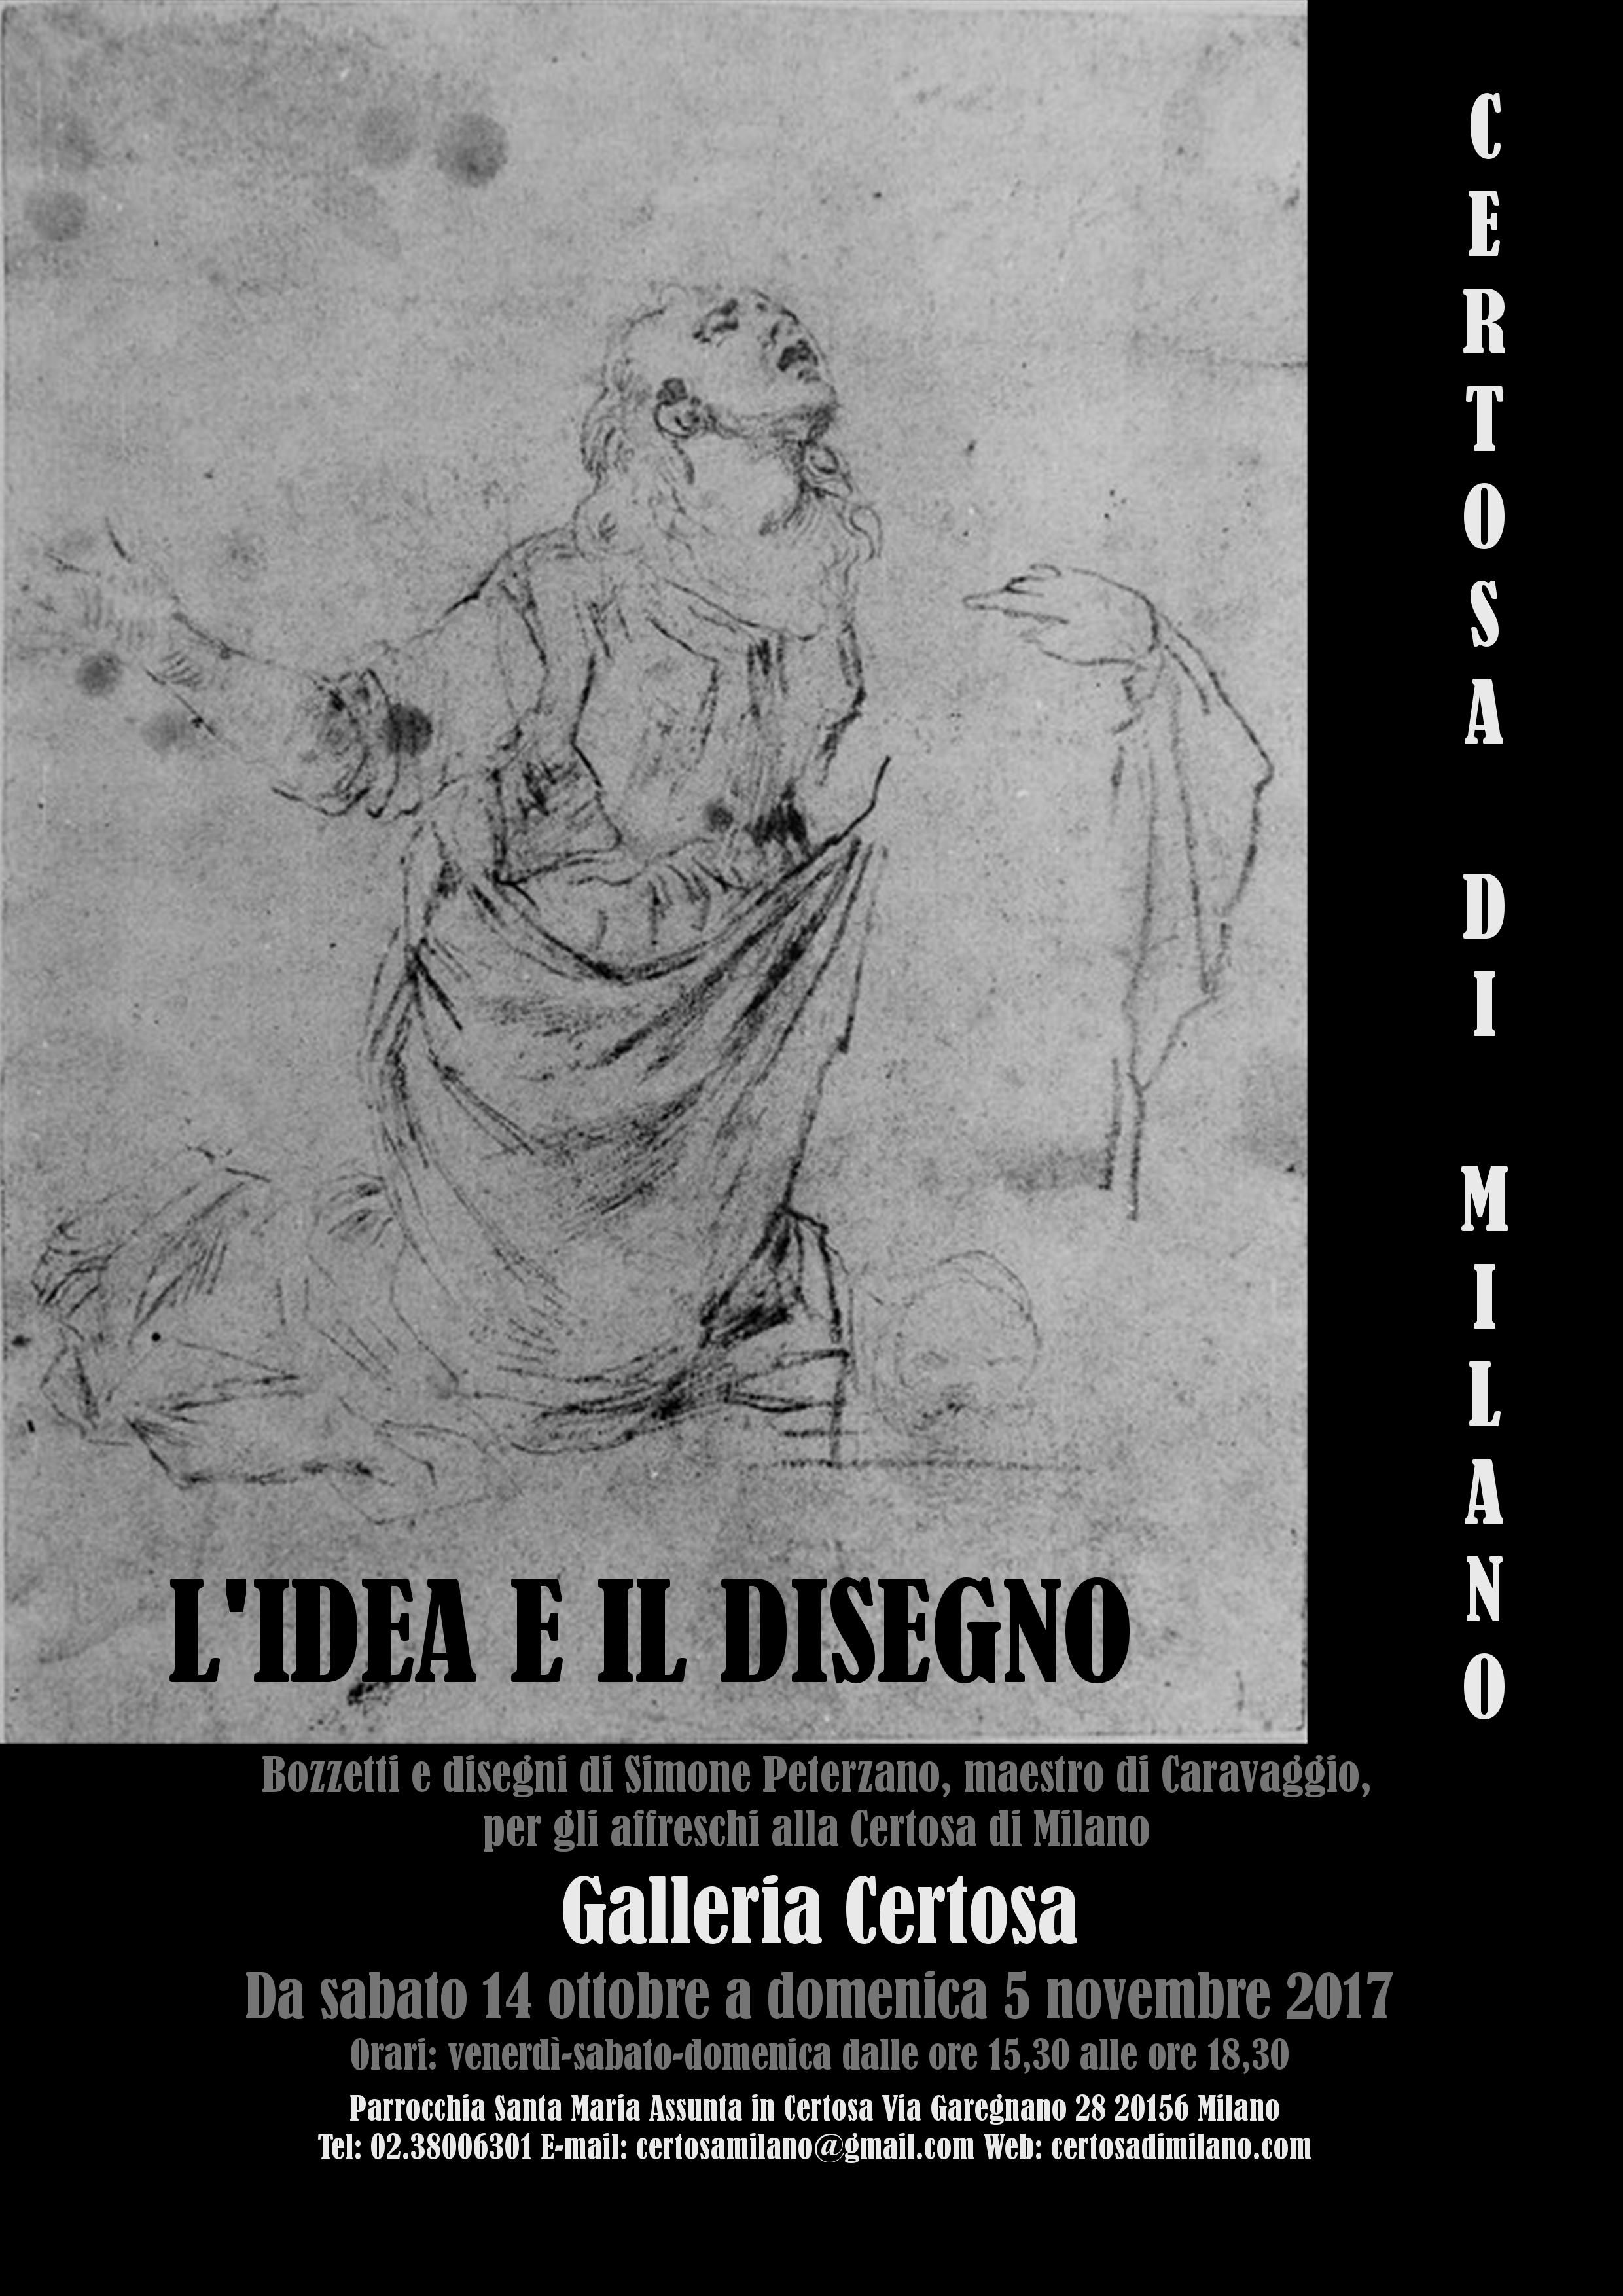 Mostra disegni Peterzano